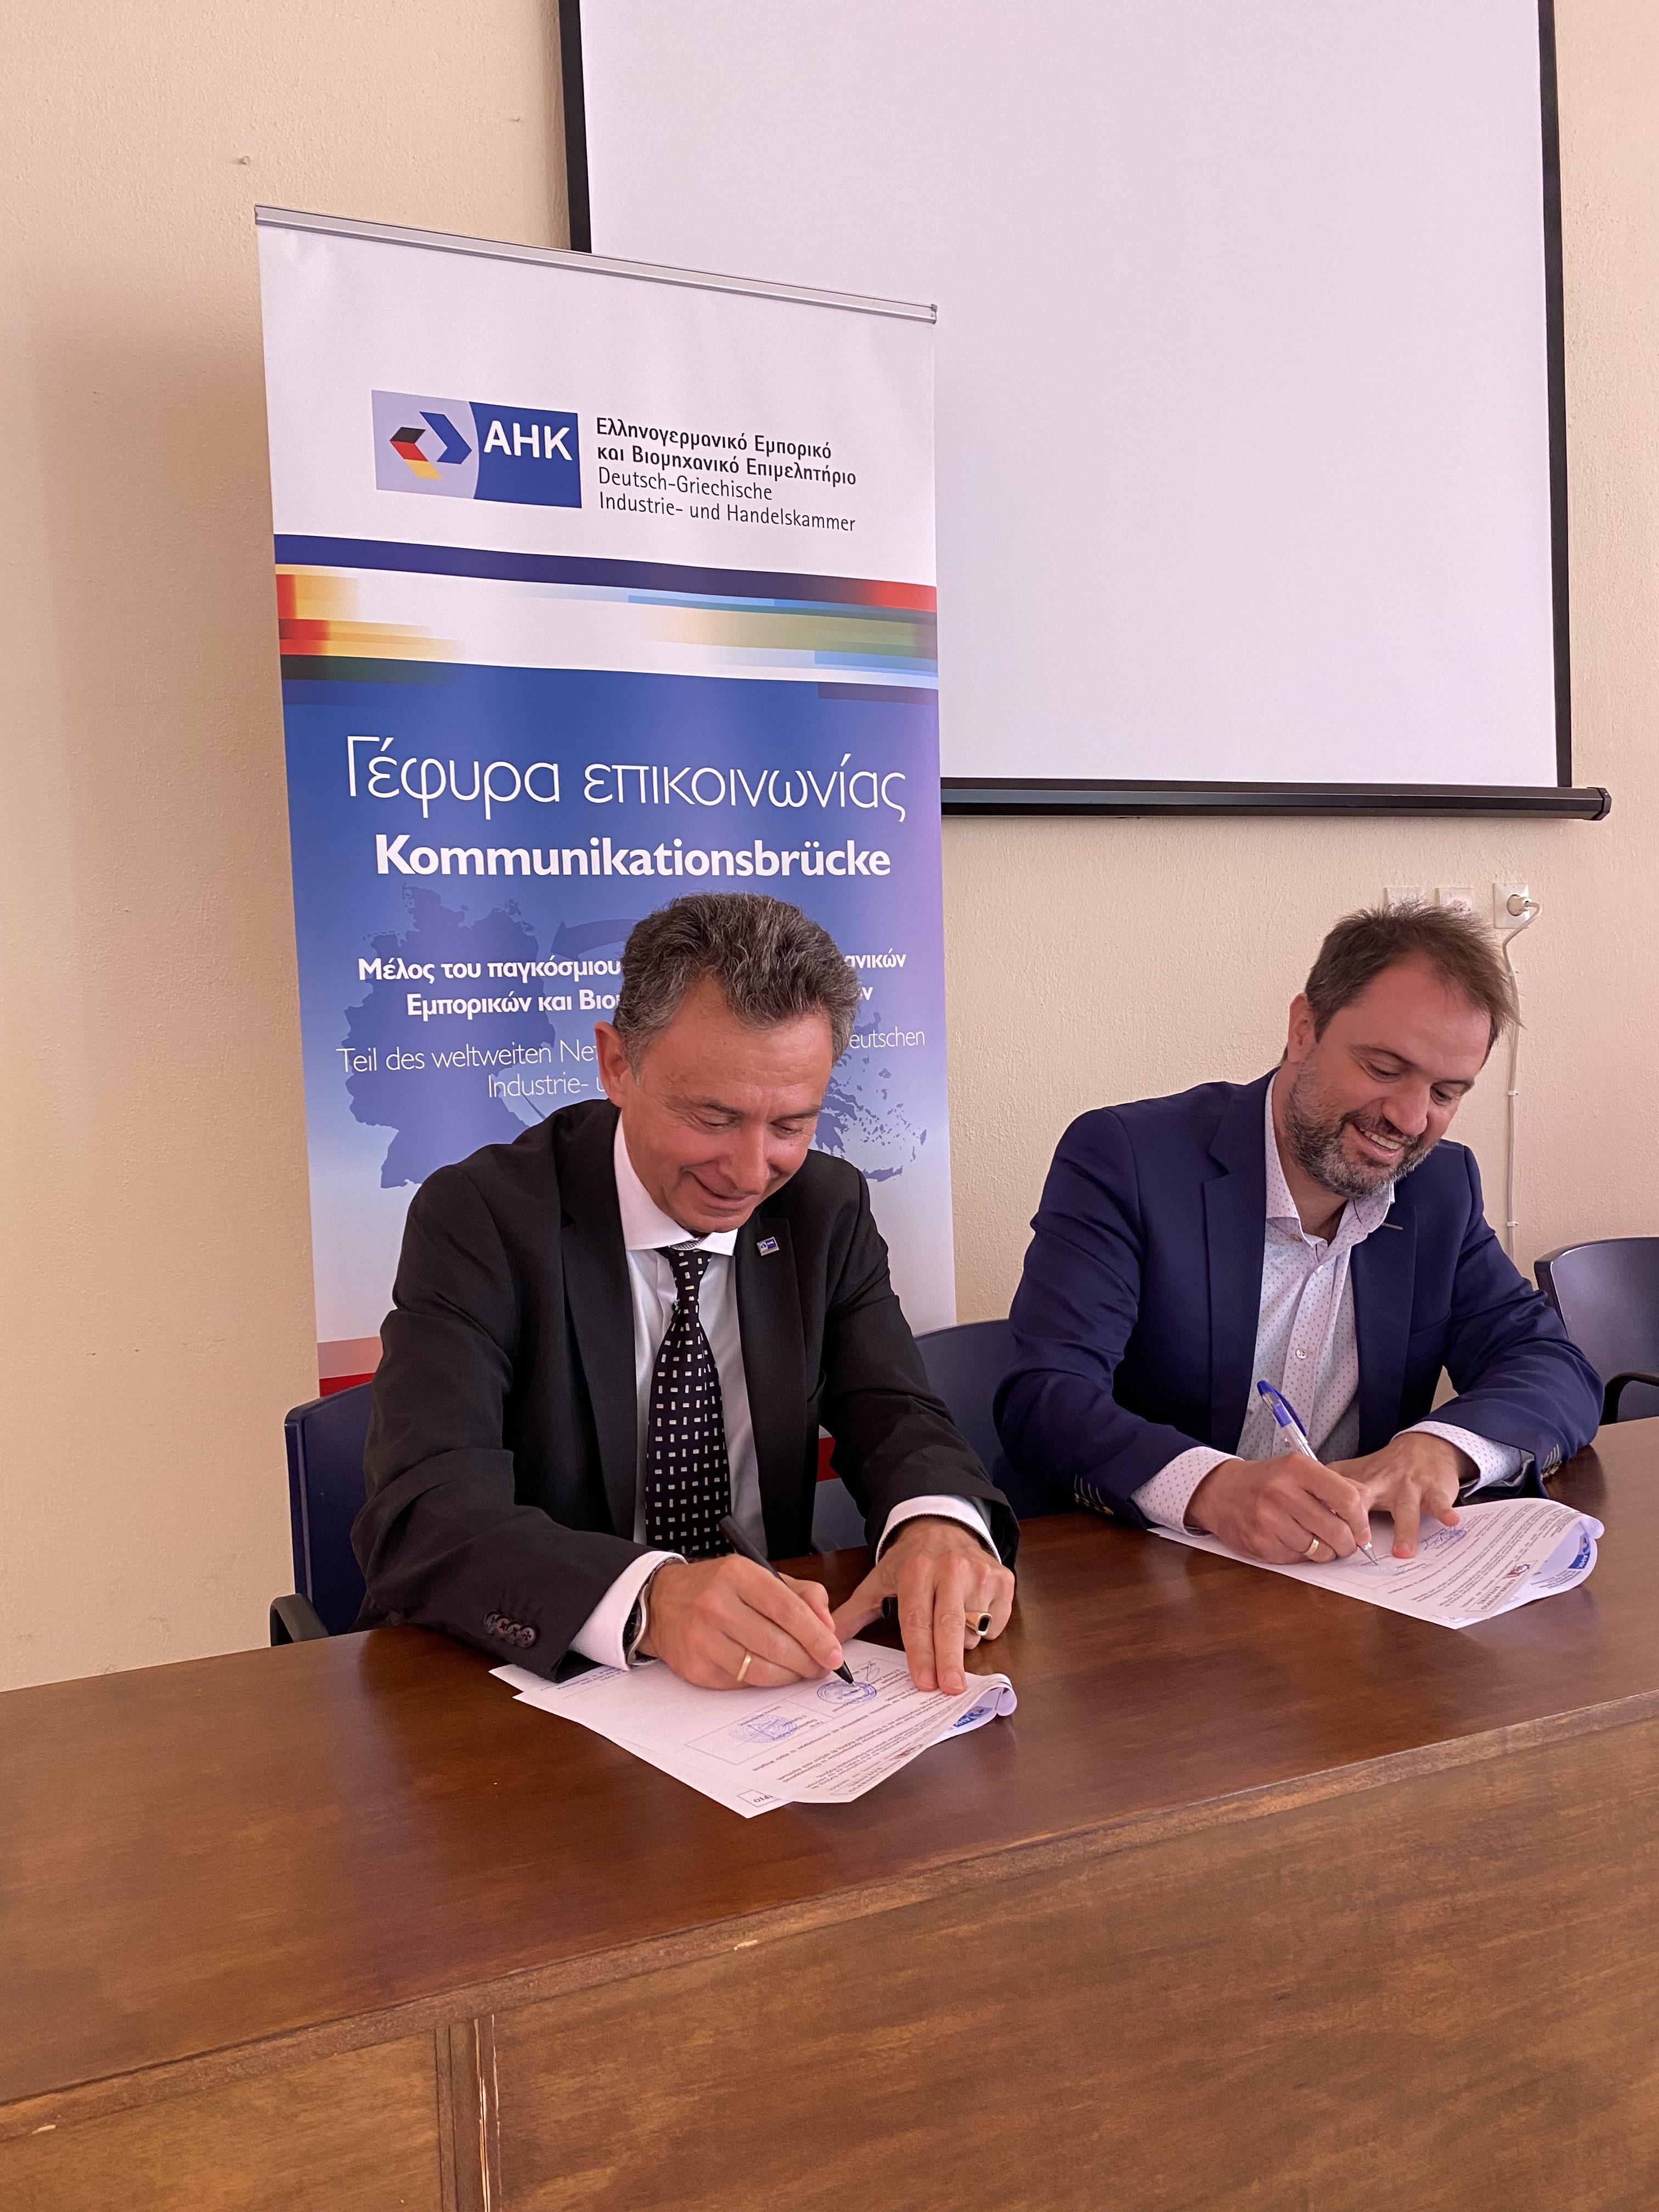 Υπογραφή μνημονίου συνεργασίας του Ελληνογερμανικού Επιμελητηρίου με το Επιμελητήριο Κοζάνης